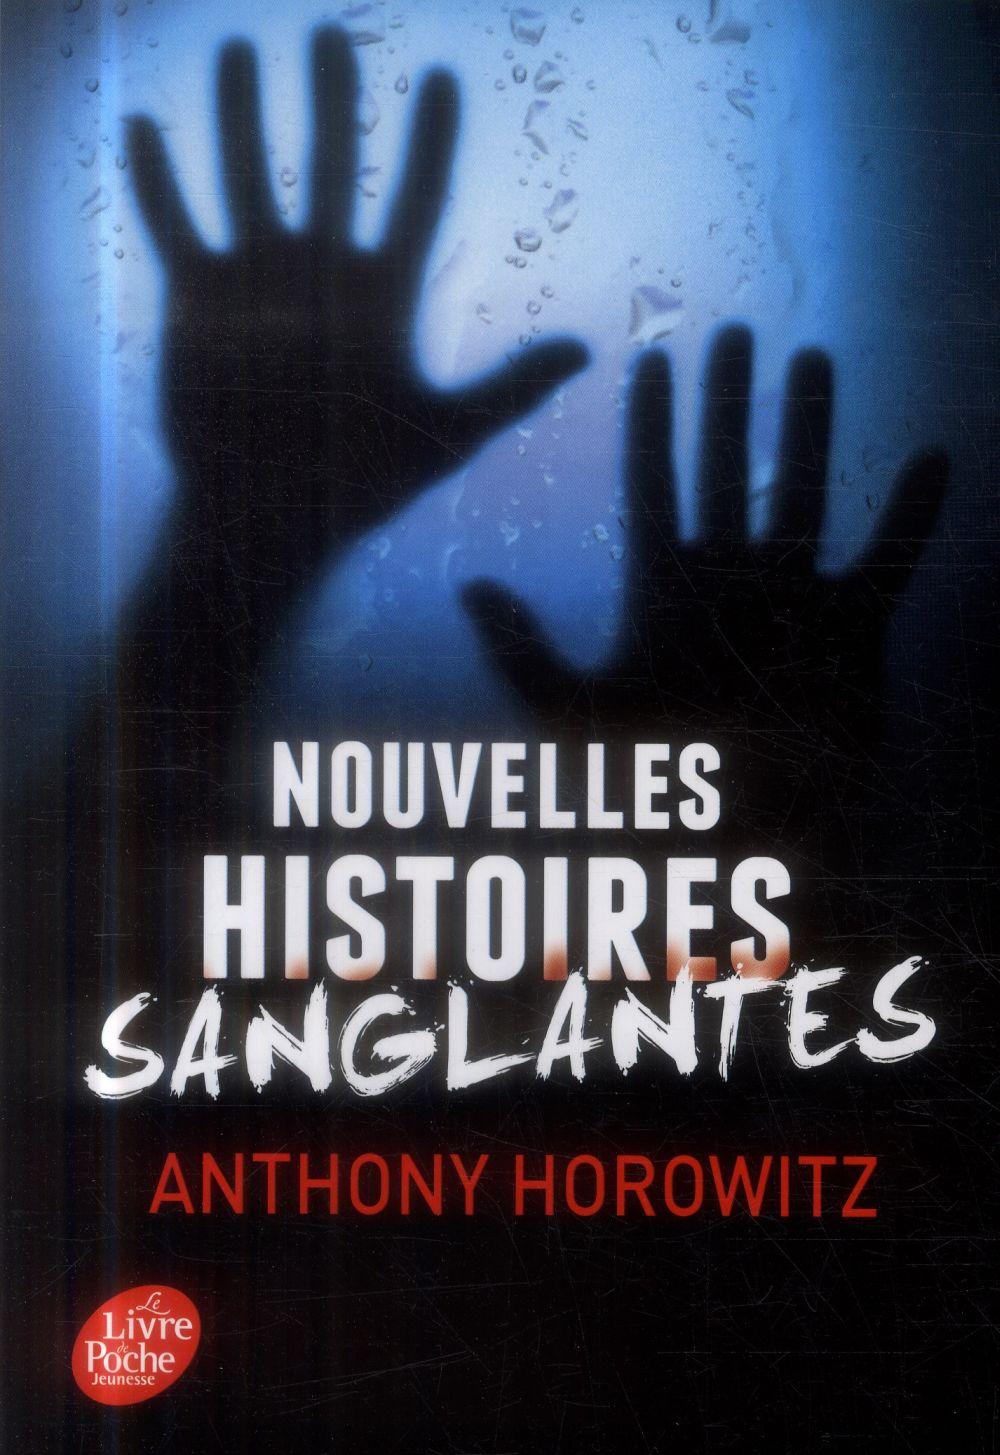 NOUVELLES HISTOIRES SANGLANTES